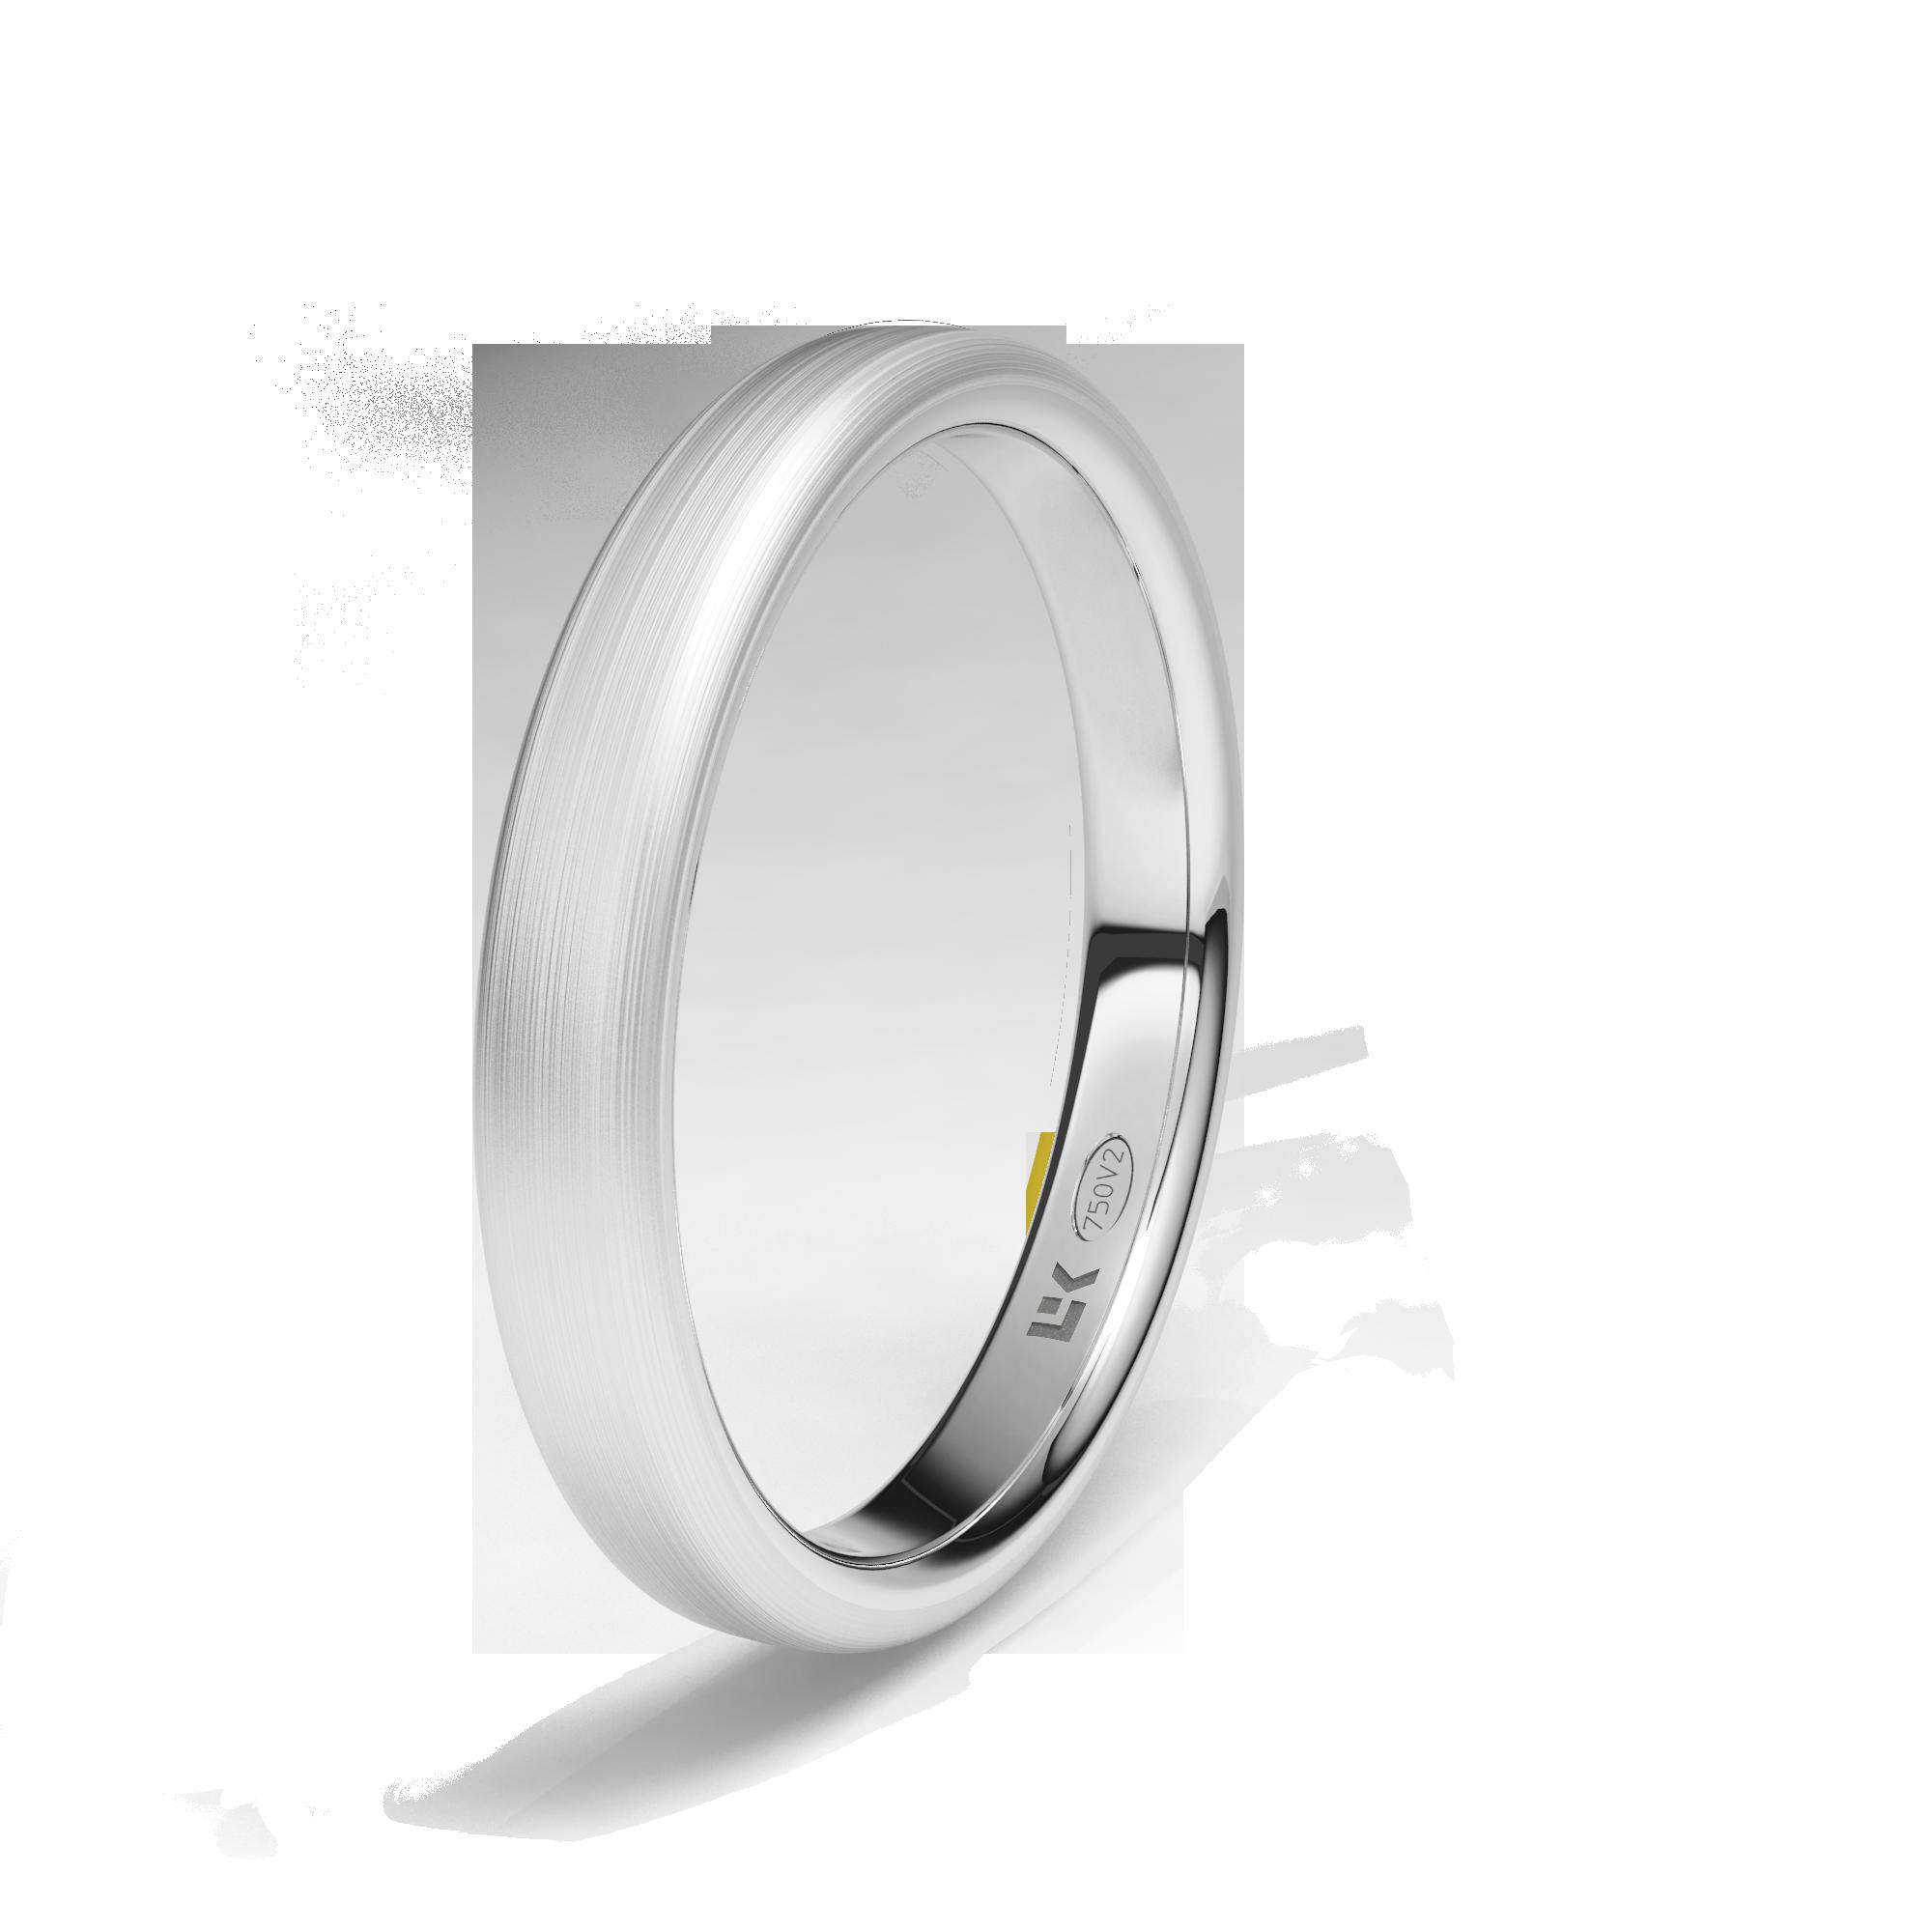 #AlianzaELEKA oro blanco de 18K modelo Elipse calibre 3mm superficie mate seda #novias #bodas.#alianzas, #anillosdeboda, www.cnavarro.com